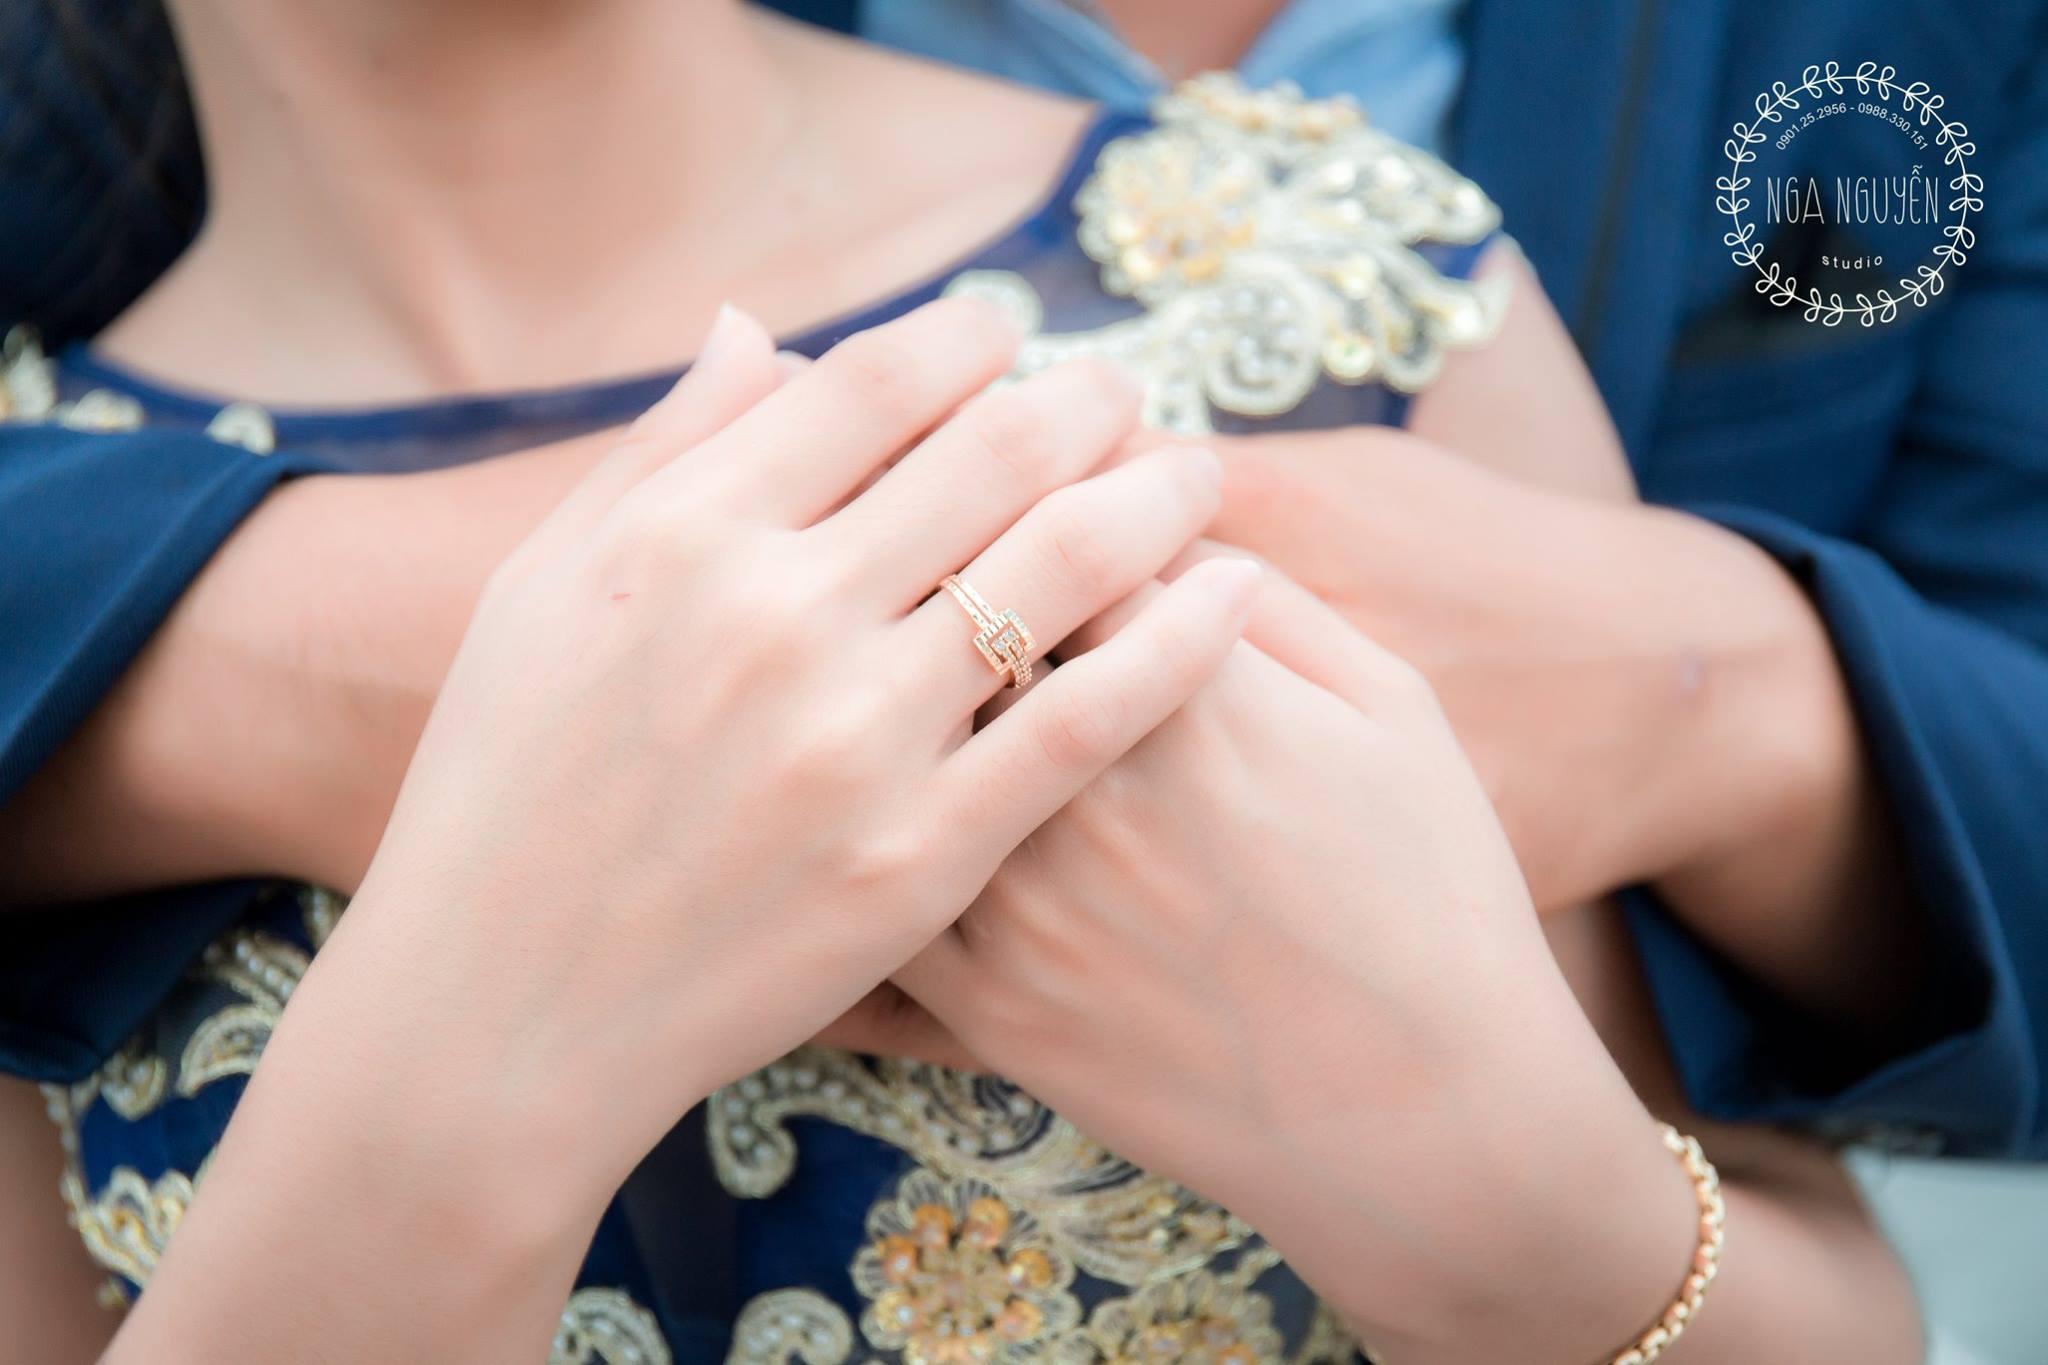 Xếp hạng 6 Studio chụp ảnh cưới đẹp nhất TP Vũng Tàu - Áo cưới Nga Nguyễn